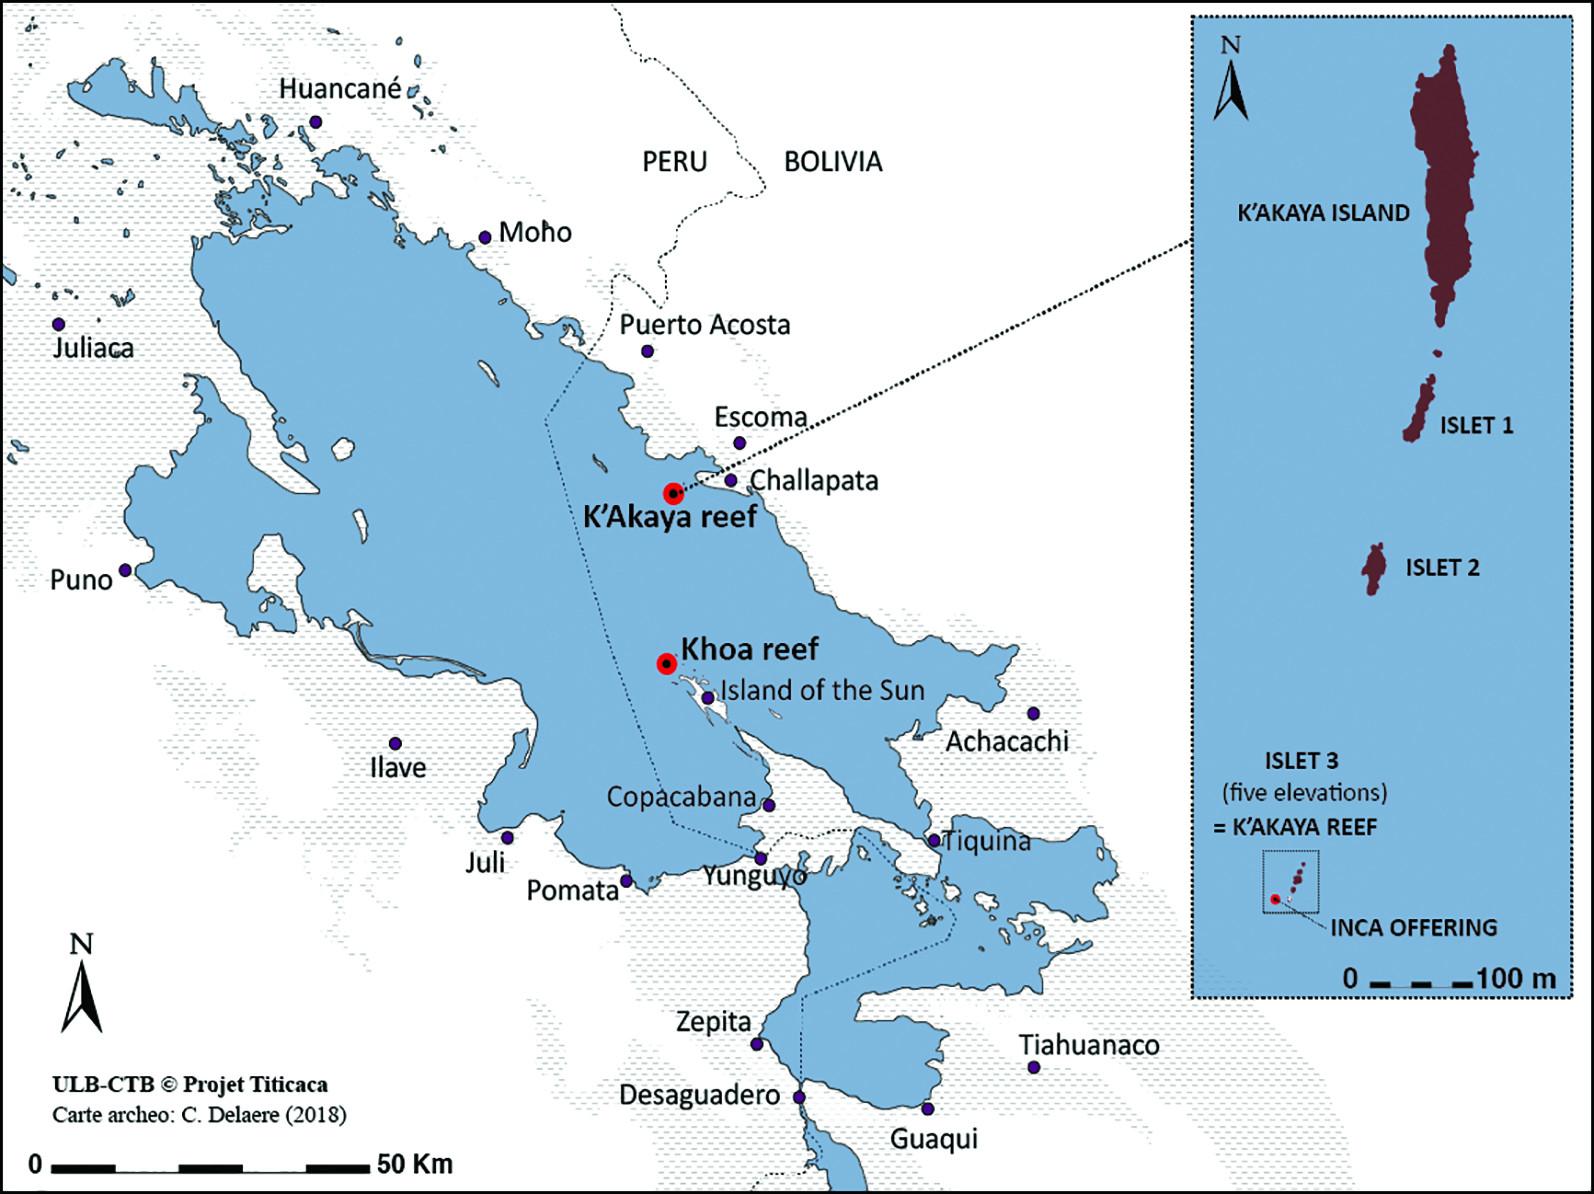 Mapa do lago Titicaca com a localização dos corais. Crédito: C. Delaere